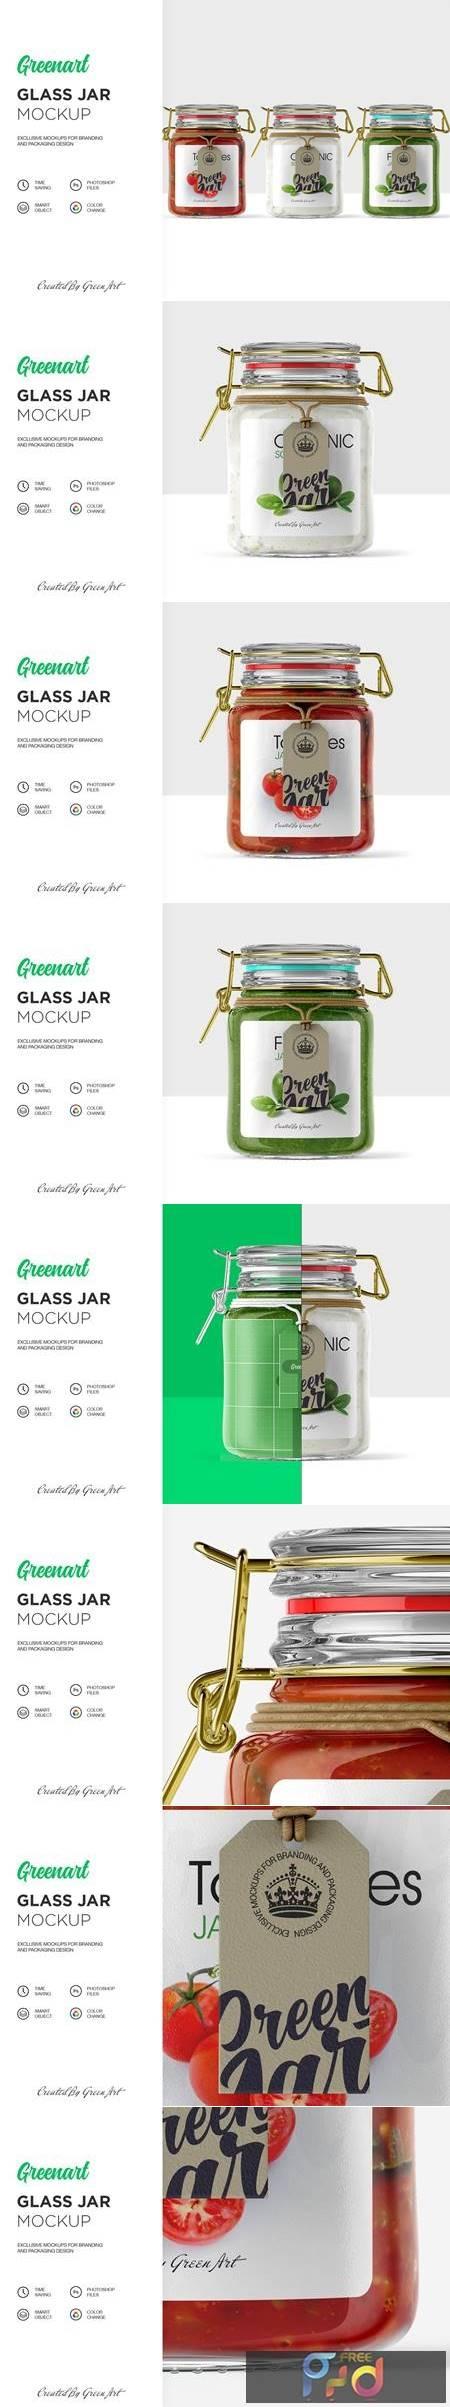 Clear Glass Jar Mockup 2342720 1